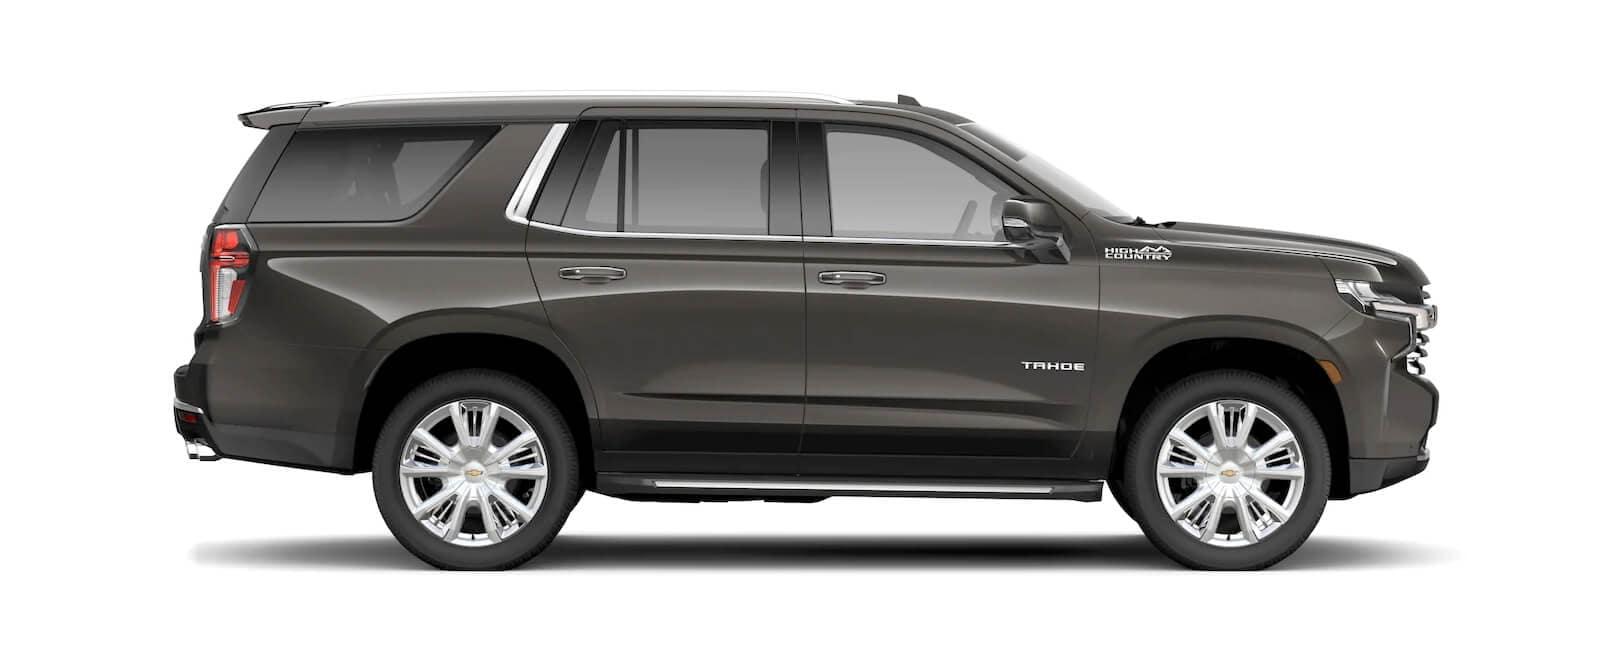 New Chevrolet Vehicles 2021 Tahoe